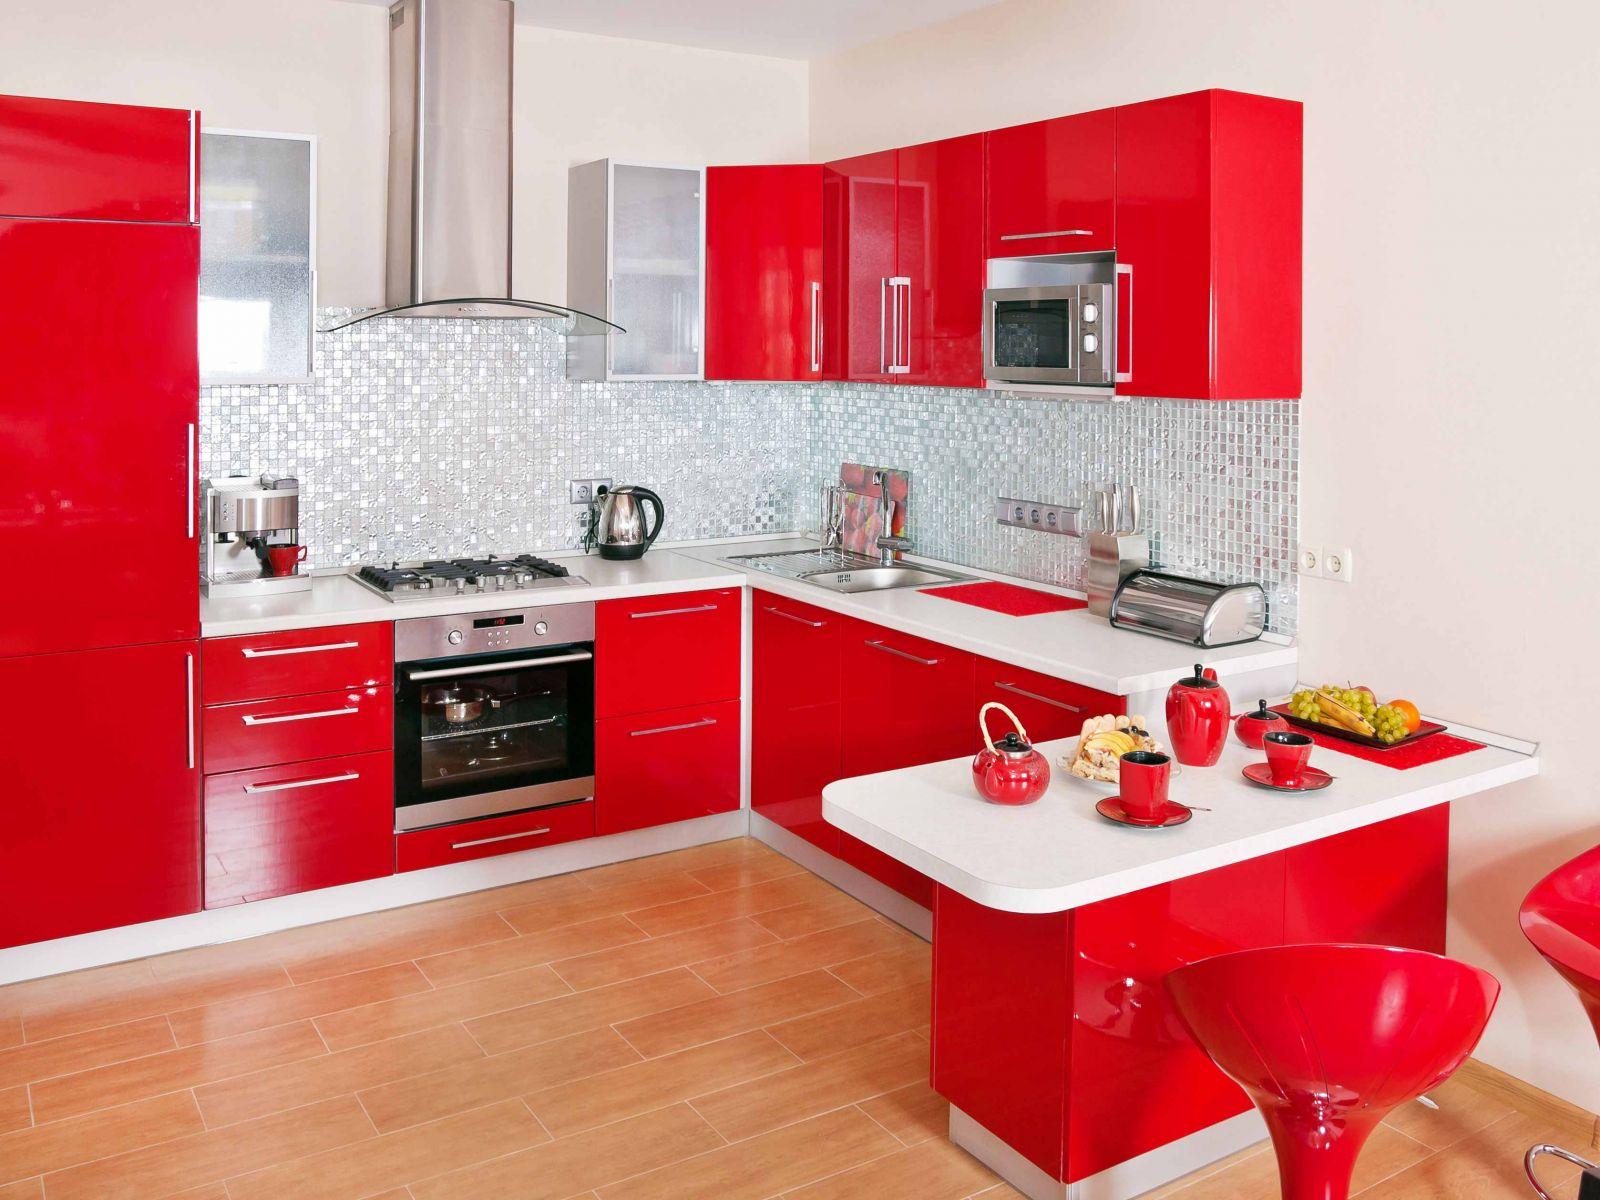 Холодильник на красно-белой кухне с обеденной зоной.